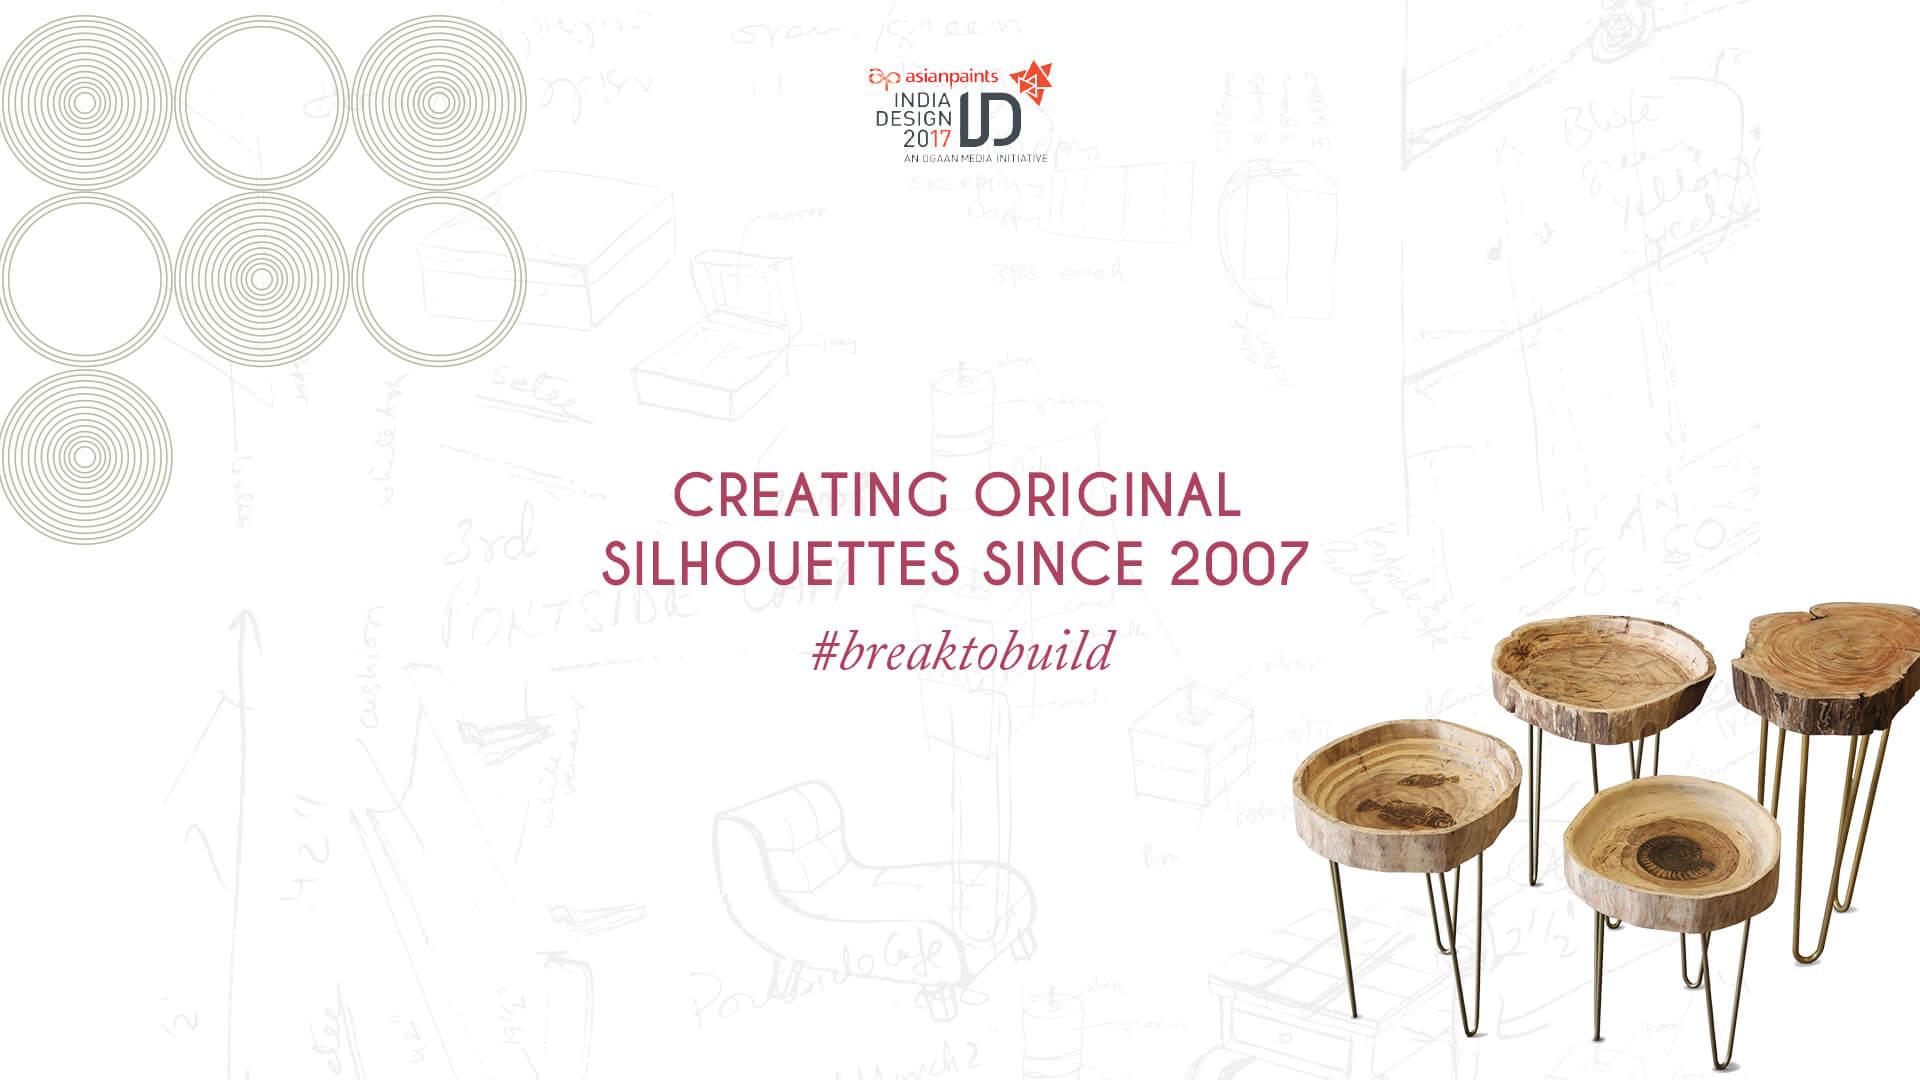 India Design 2017